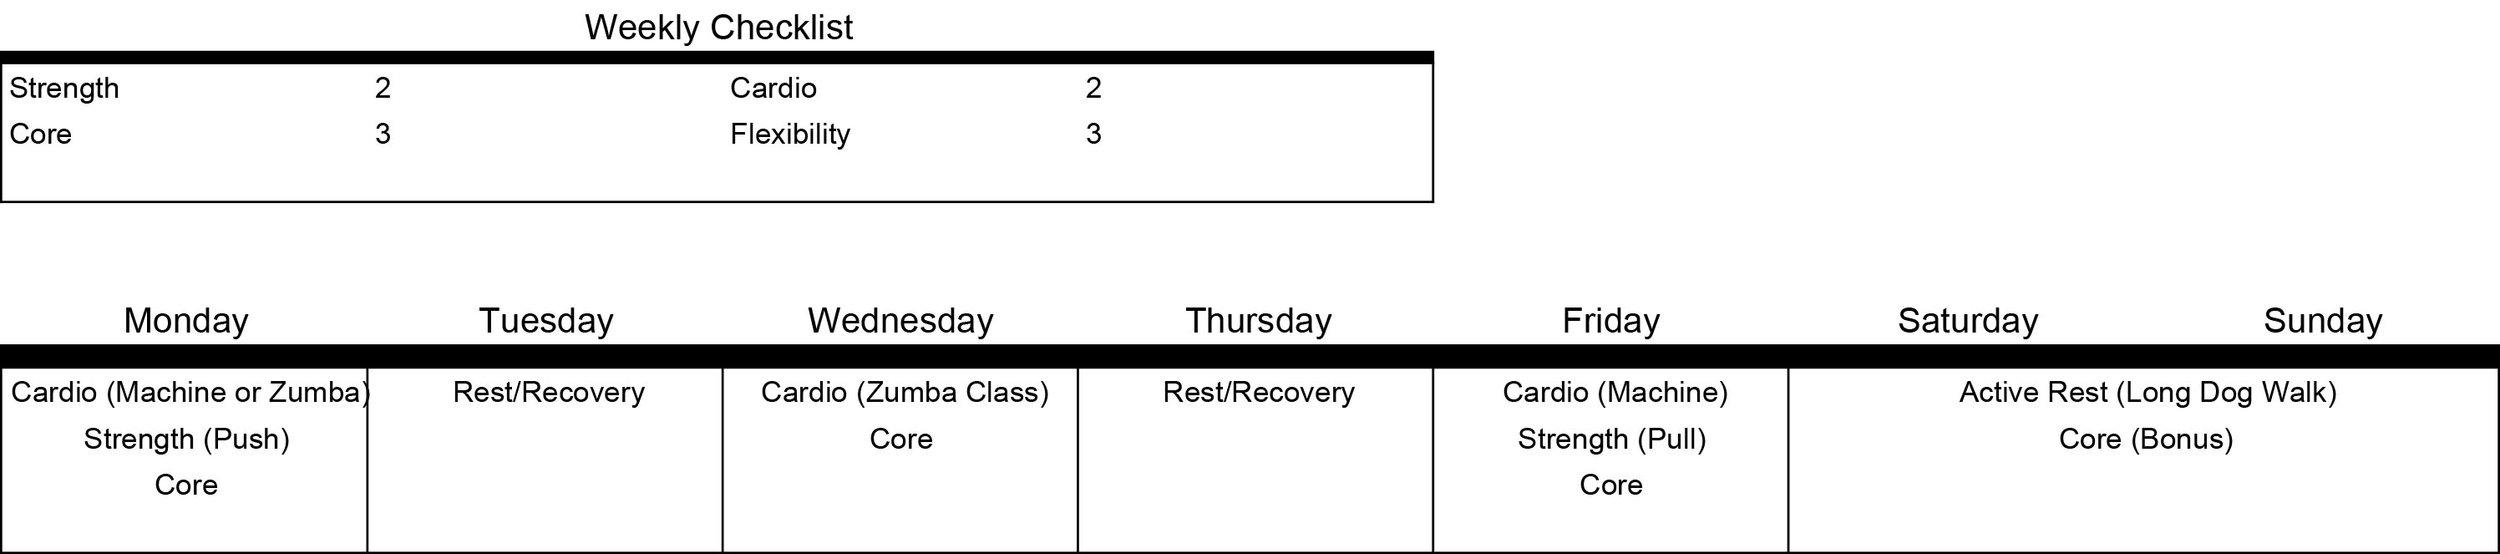 weekly plan example.jpg